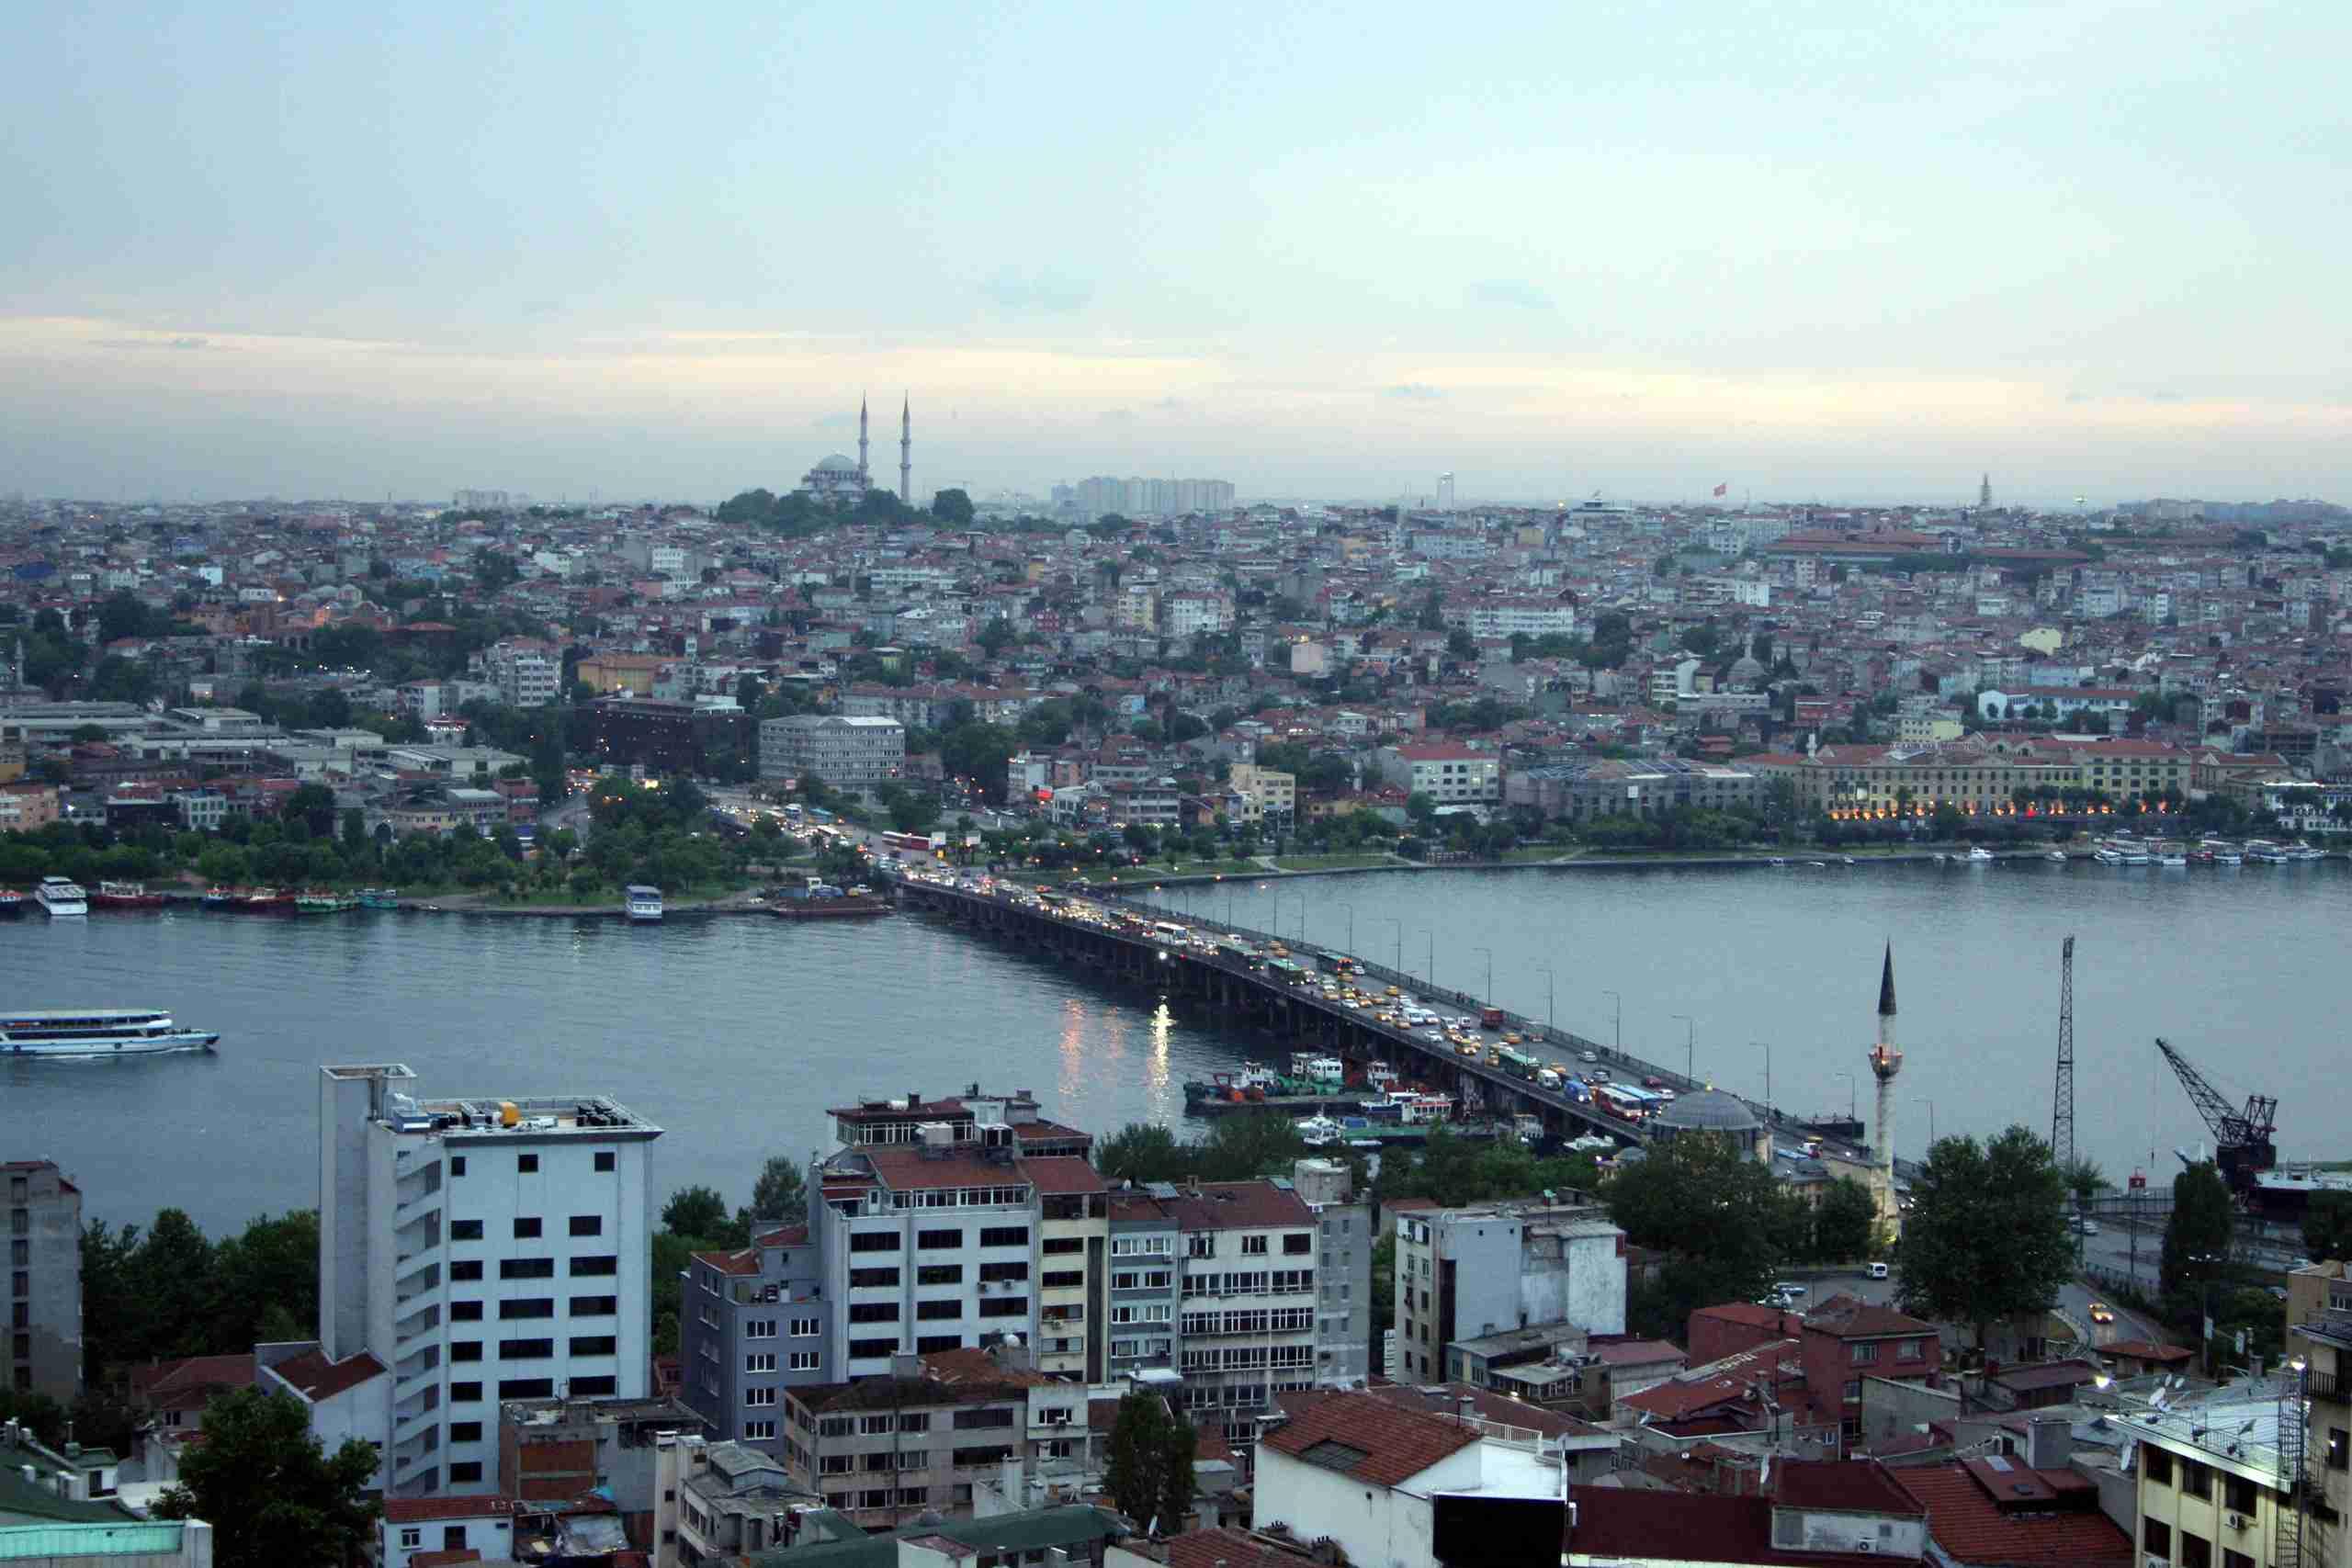 هرگز این کارهارو در استانبول انجام ندهید